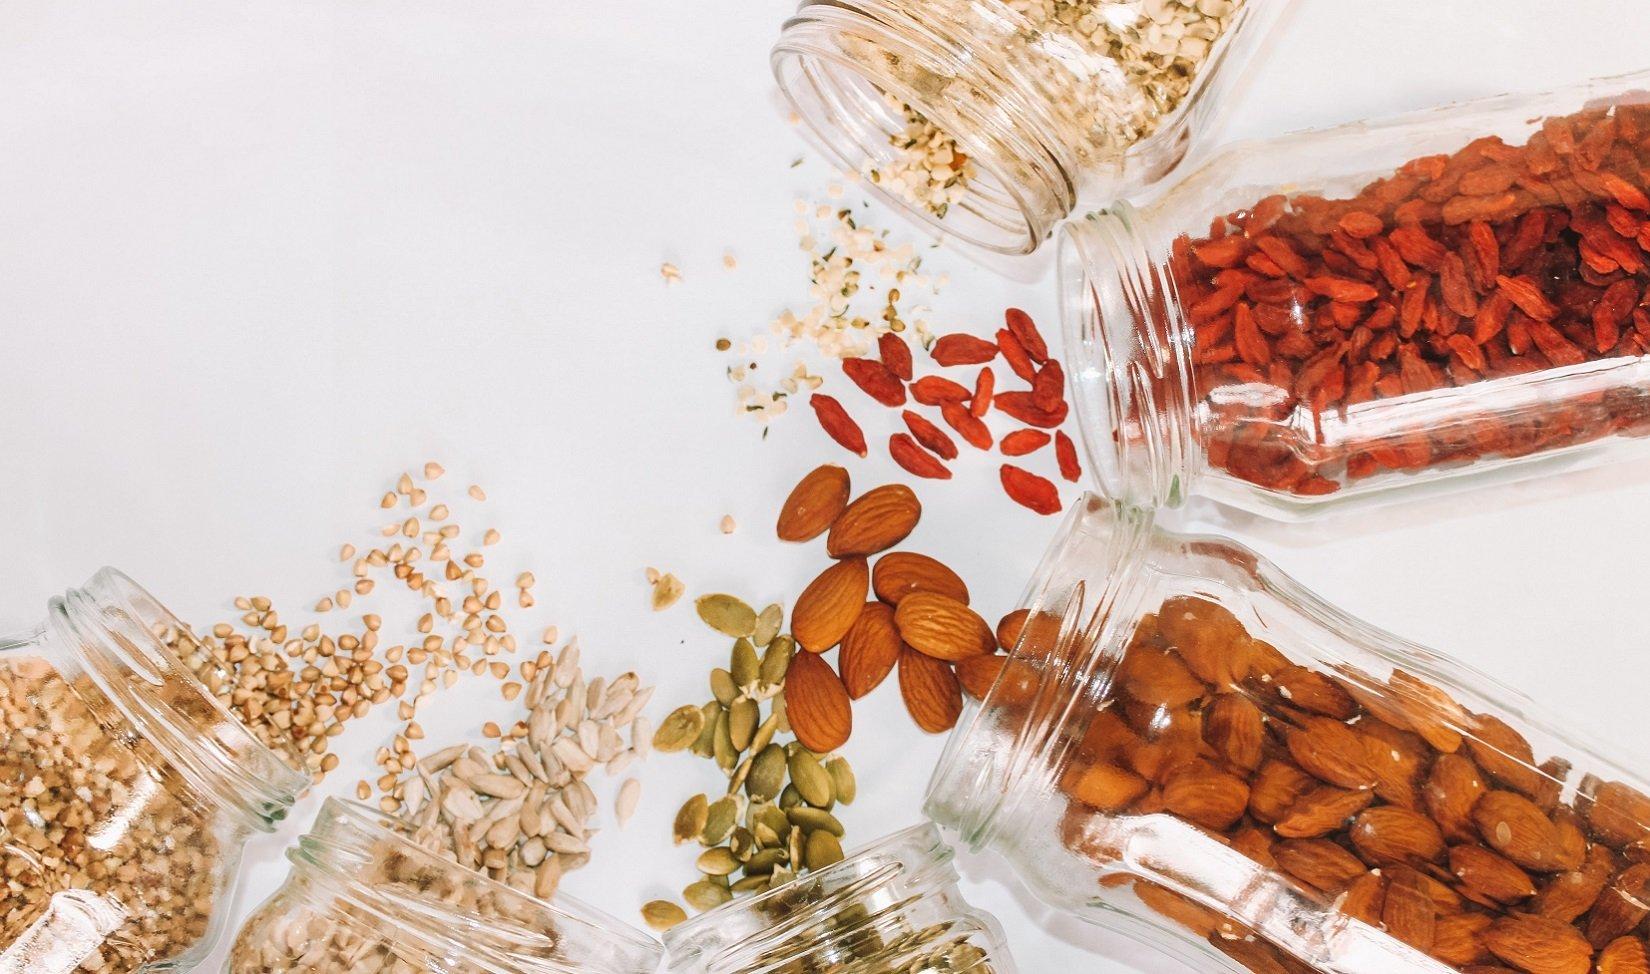 semillas bio y frutos secos ecologicos